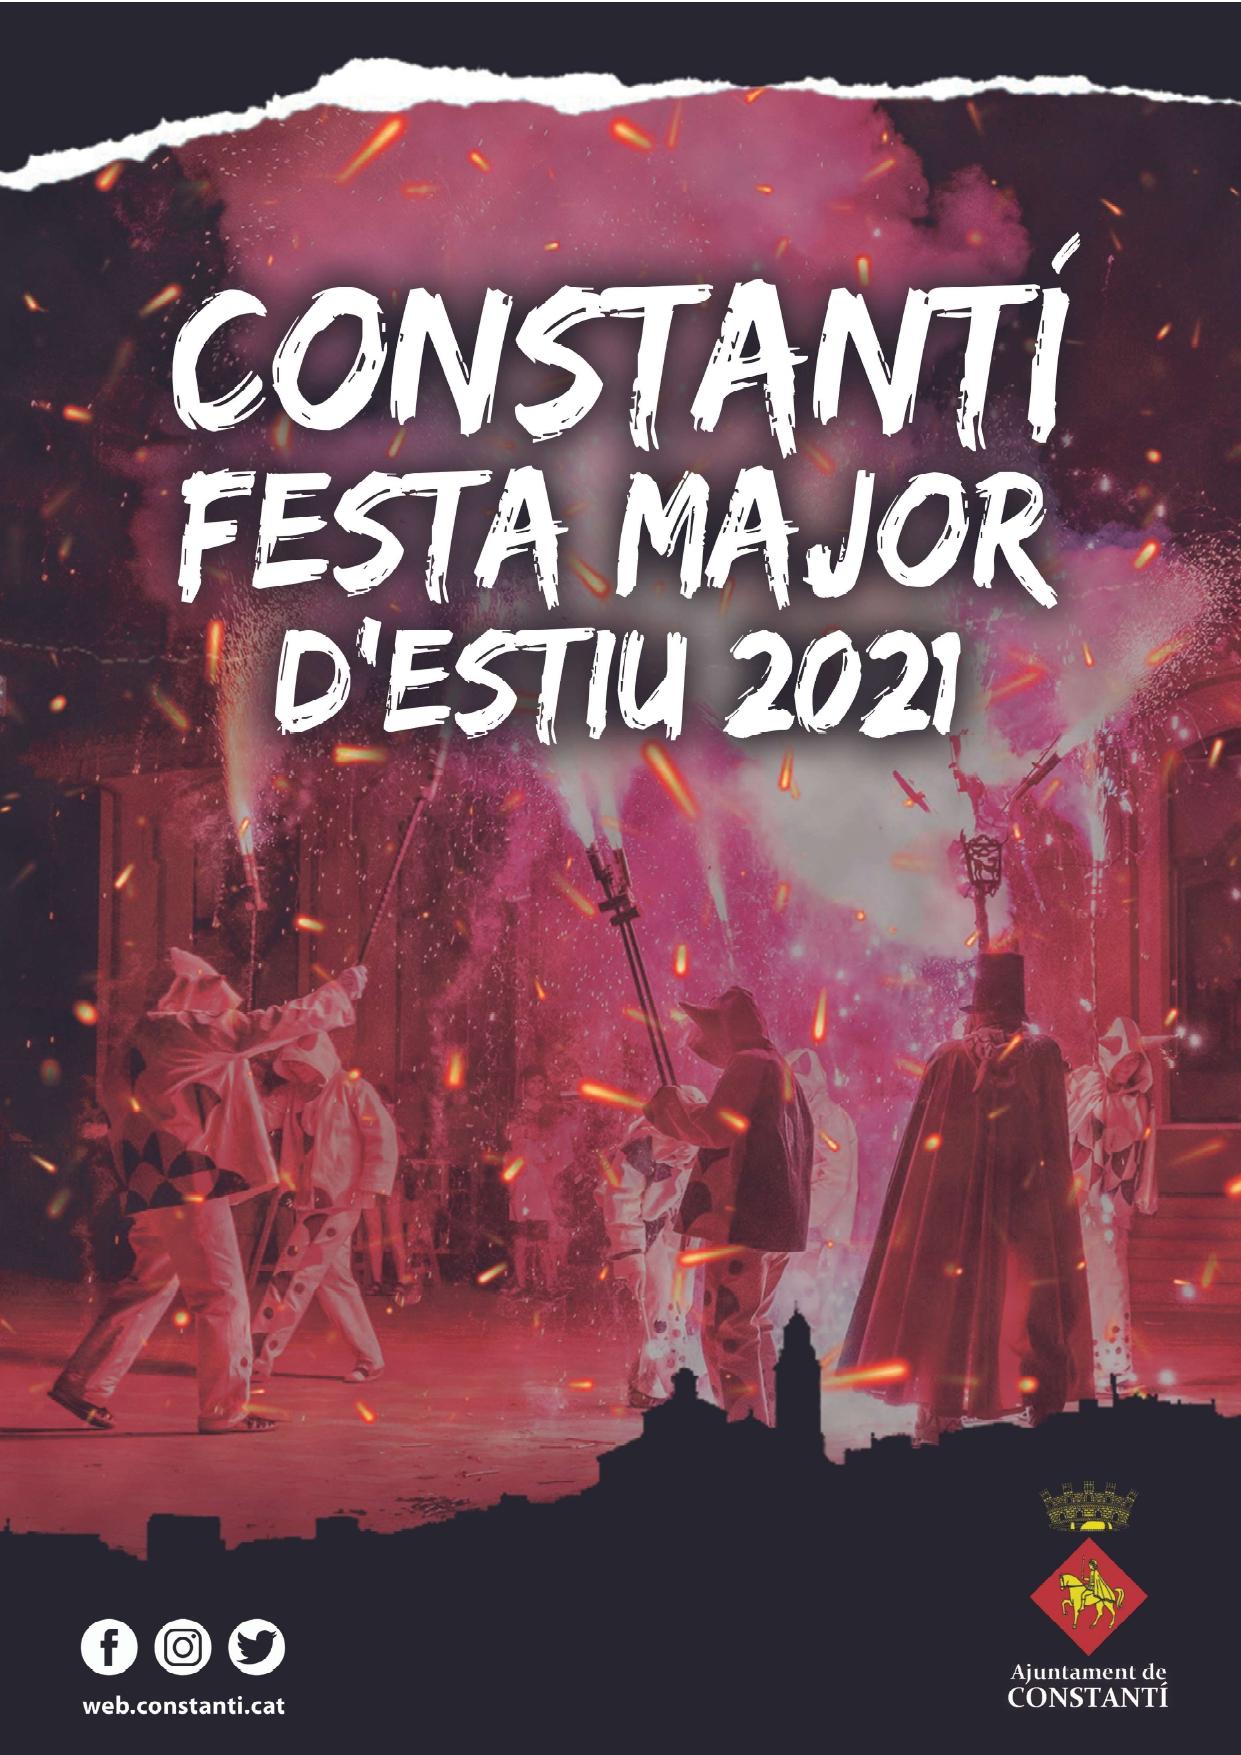 Festa Major Constantí 2021 – Ajuntament de Constantí